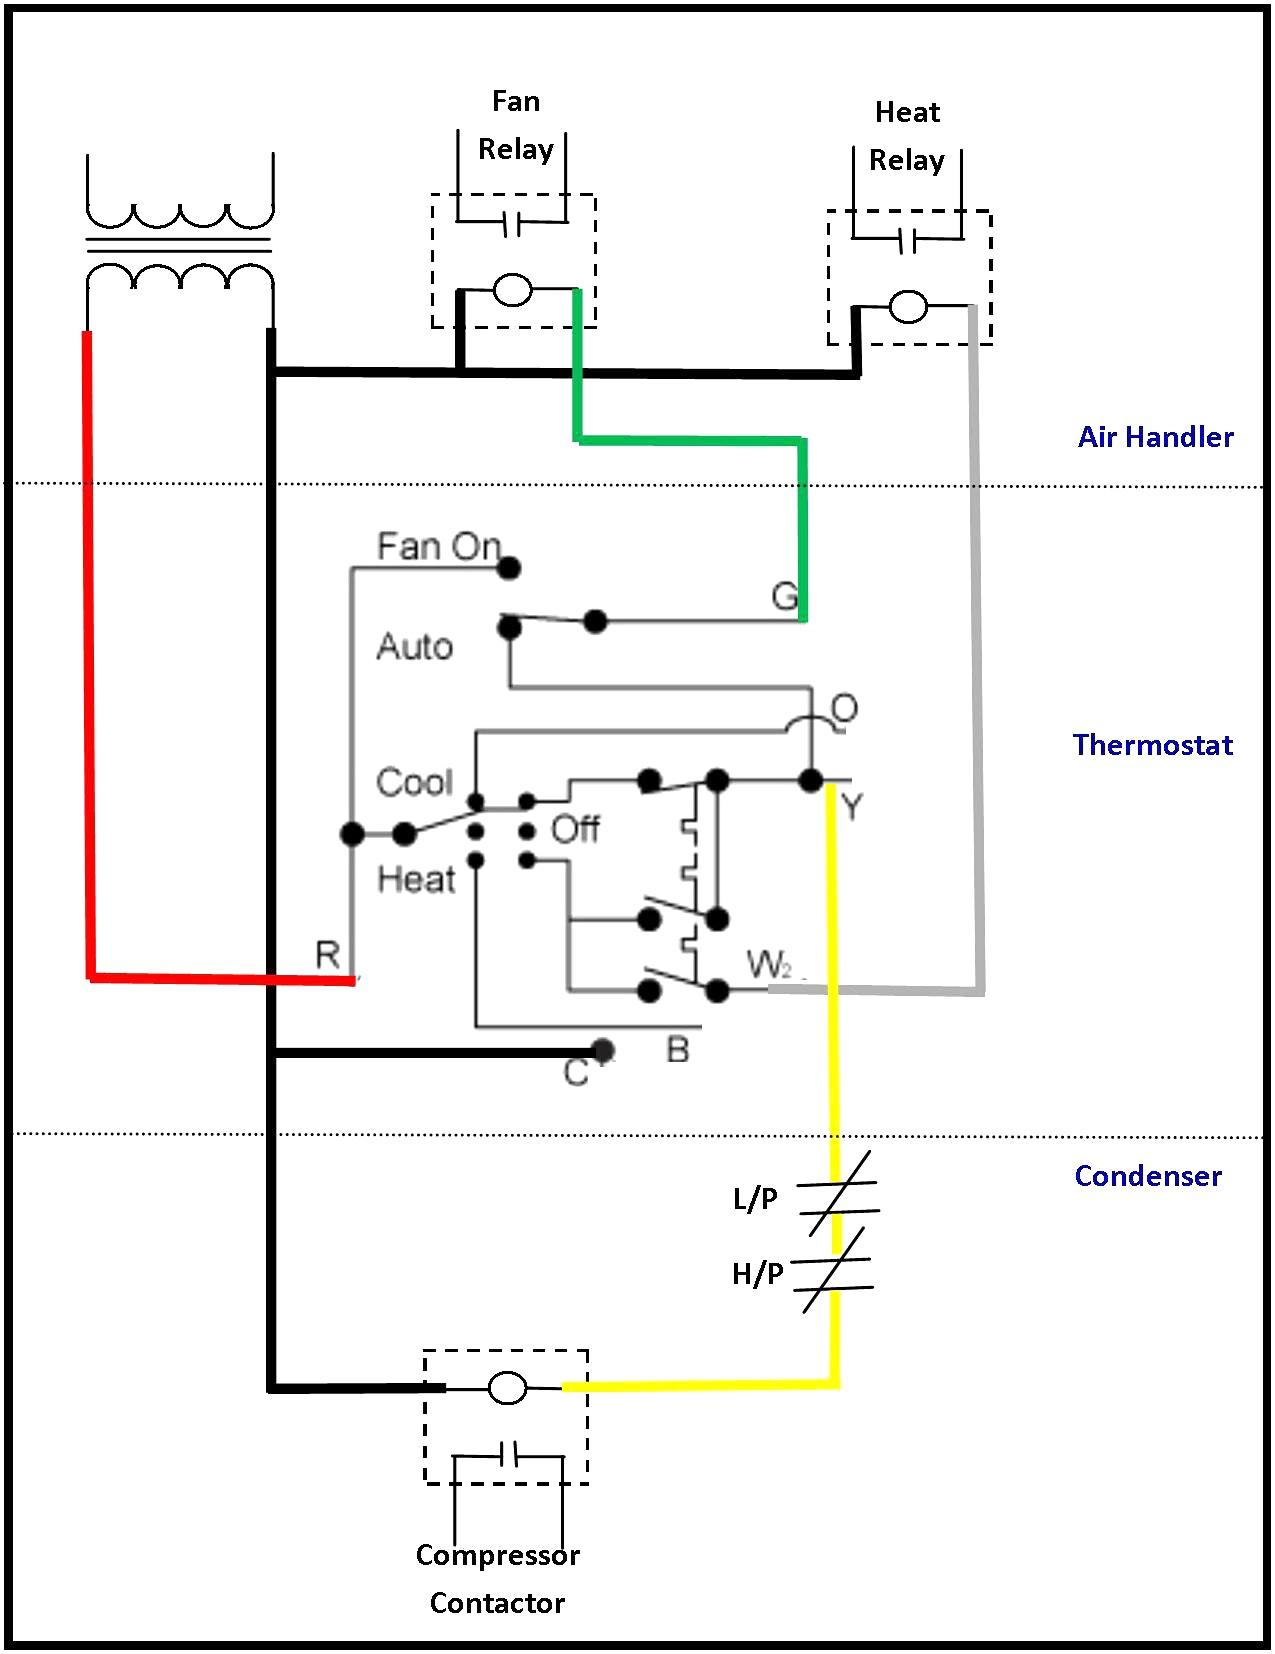 277 Volt Wiring Diagram Inside - Roc-Grp - 277 Volt Wiring Diagram